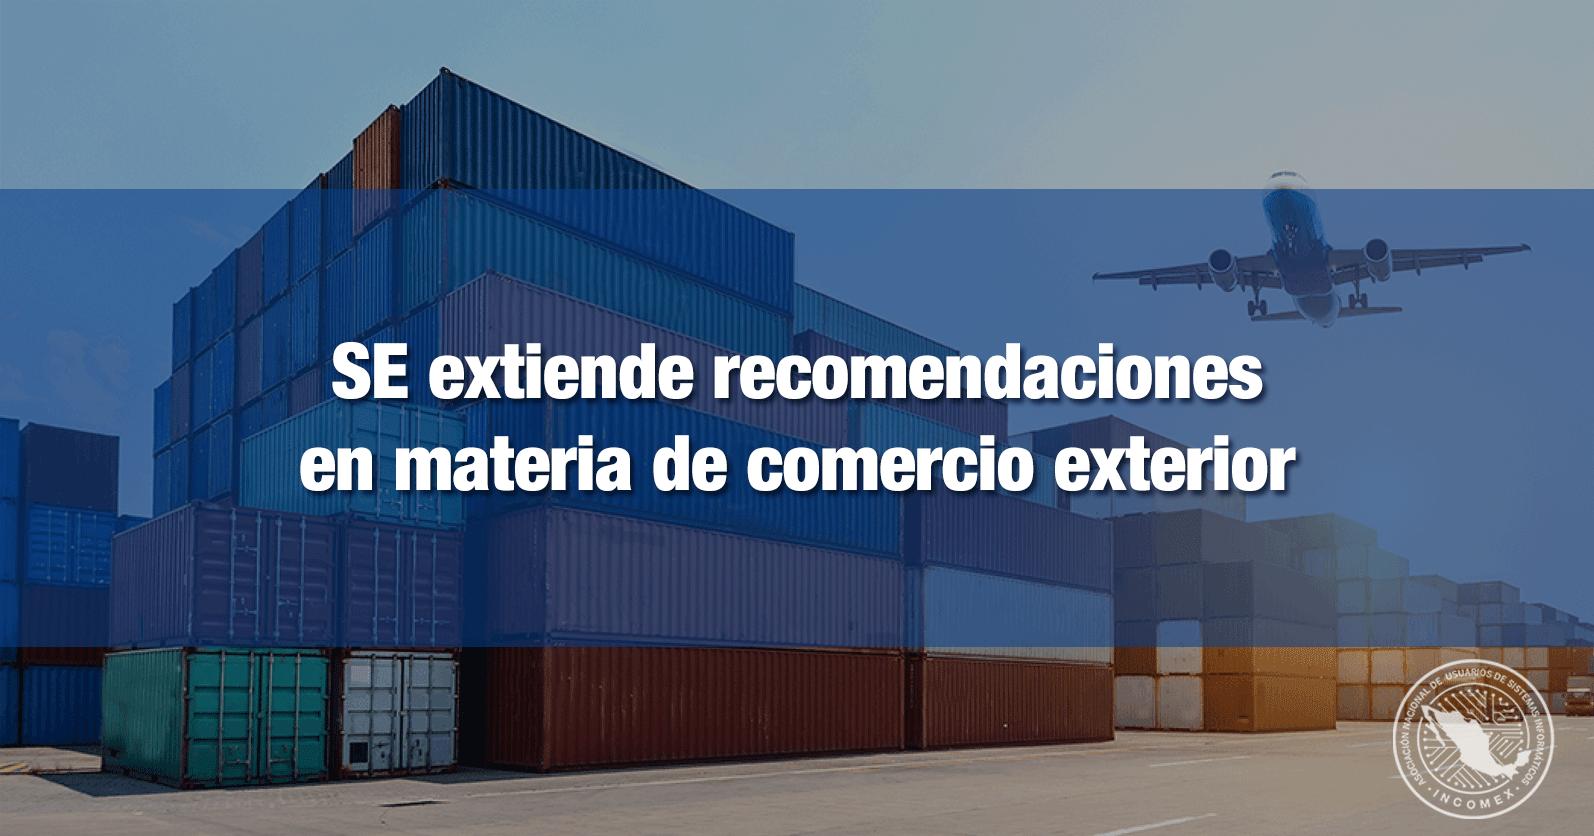 SE extiende recomendaciones en materia de comercio exterior